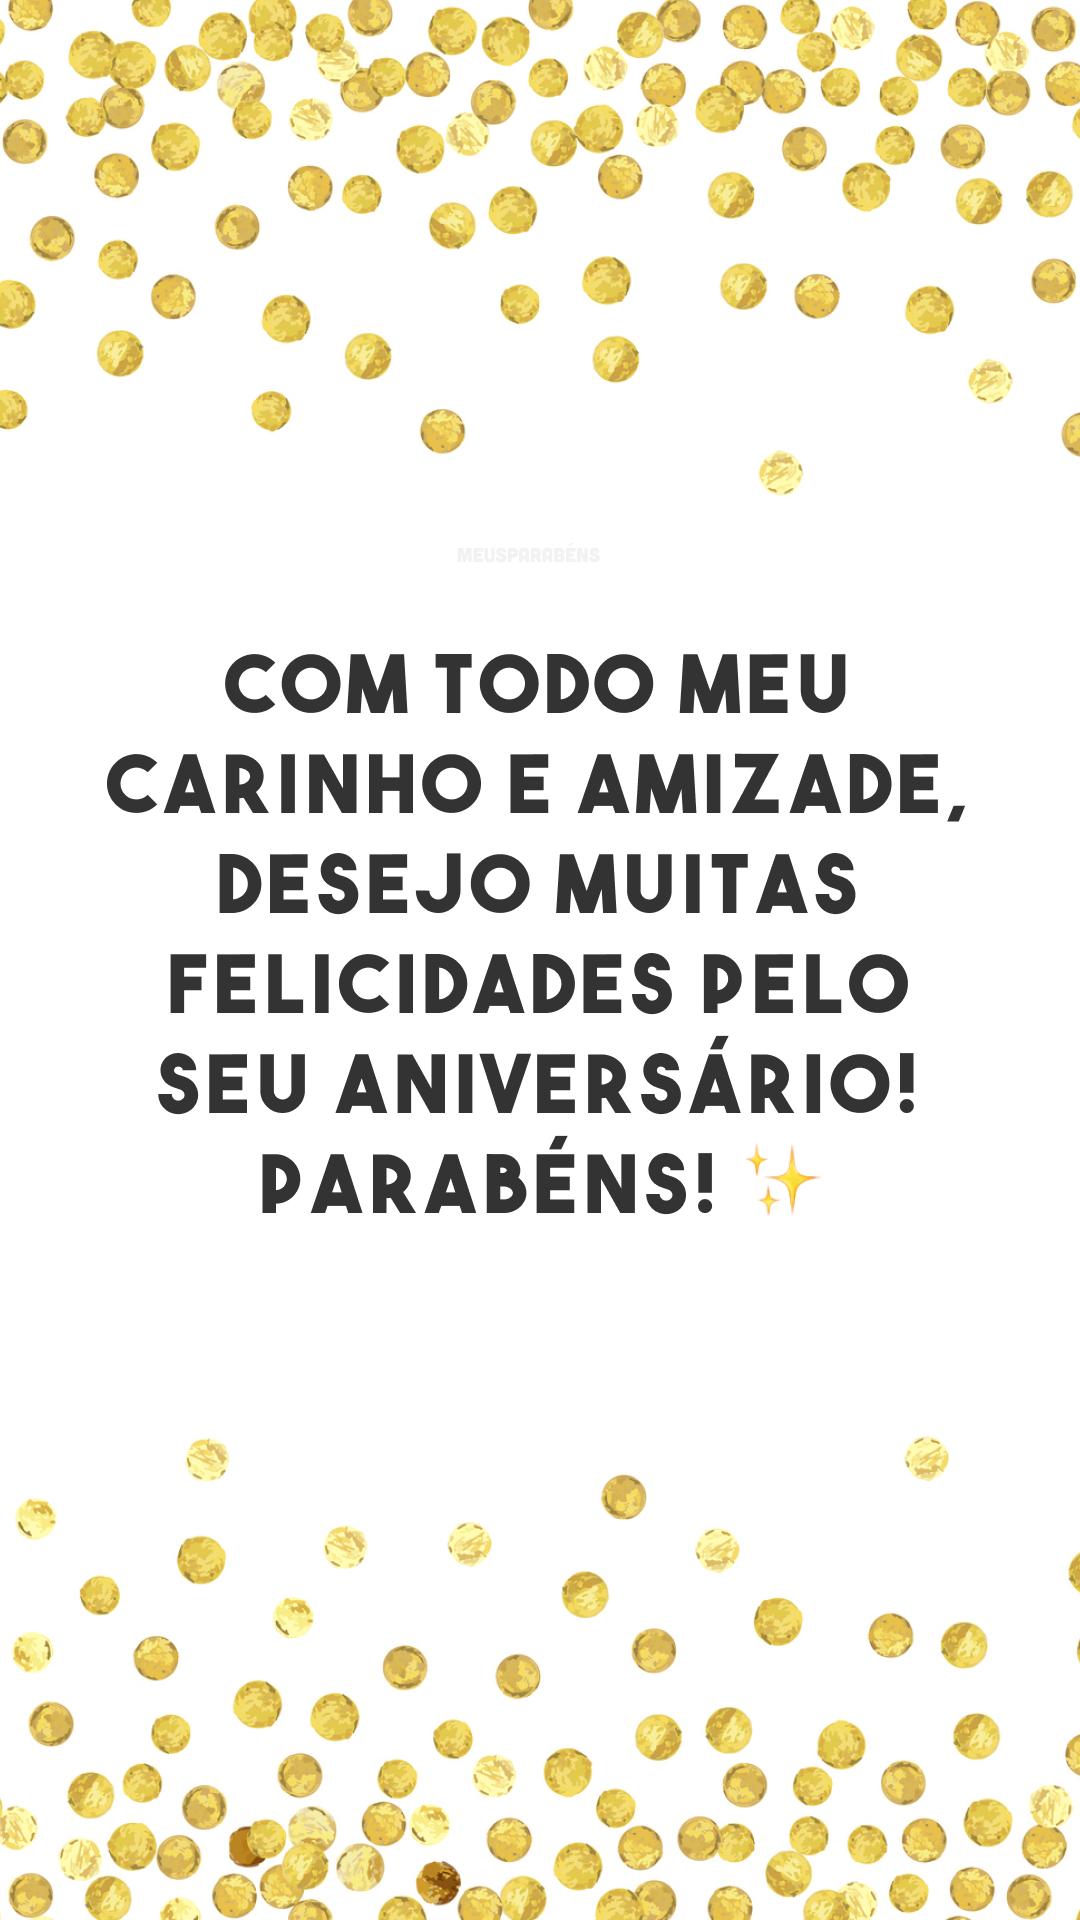 Com todo meu carinho e amizade, desejo muitas felicidades pelo seu aniversário! Parabéns! ✨